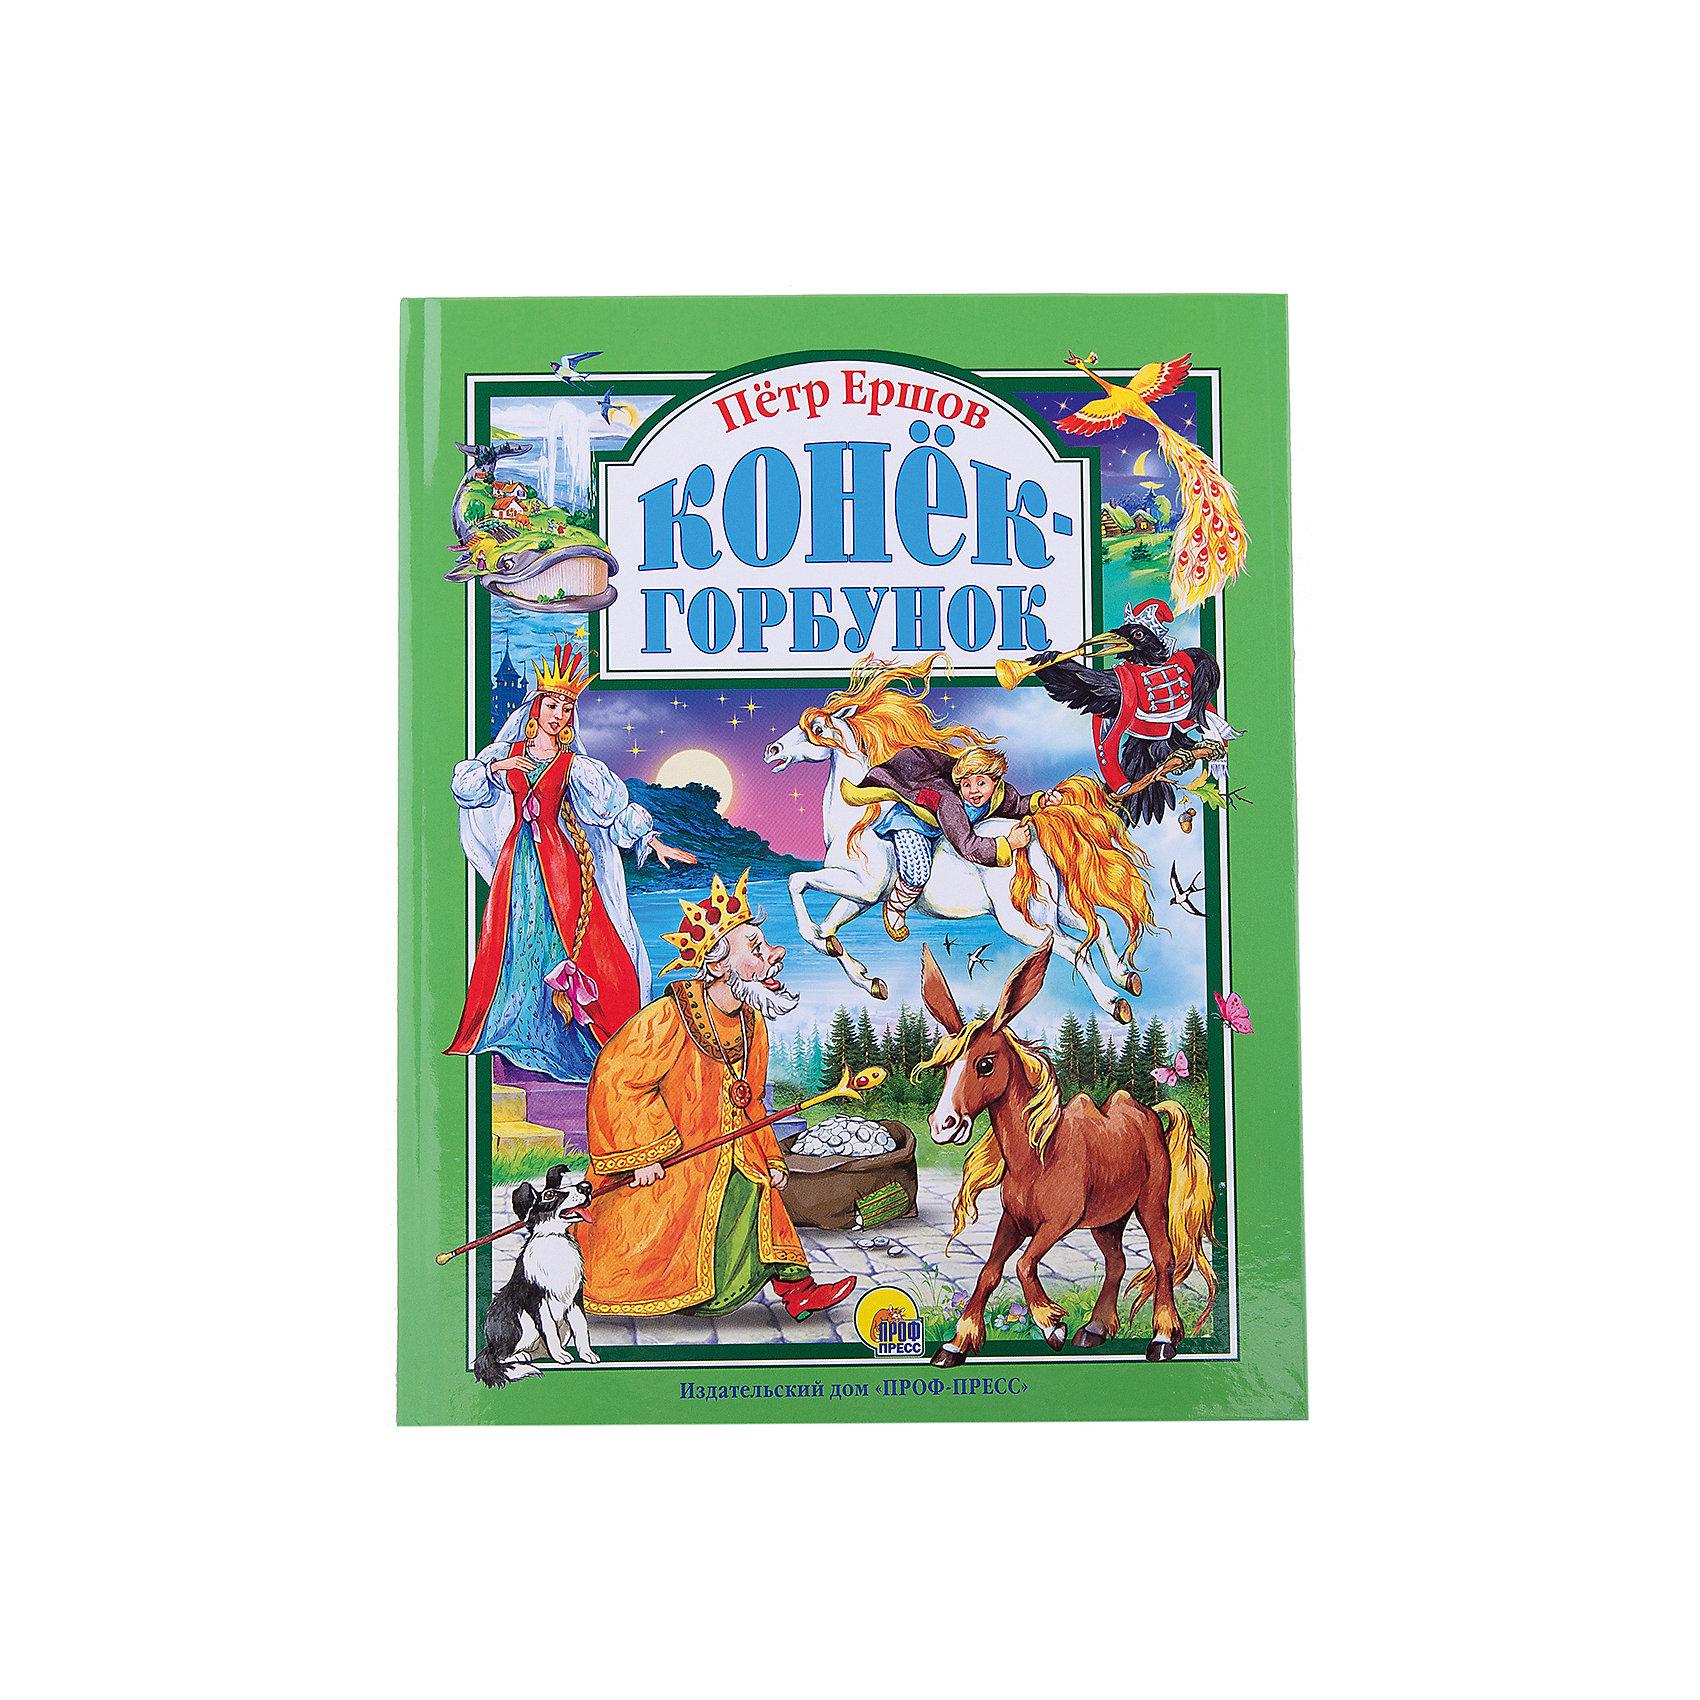 Конёк-горбунок, П. ЕршовРусские сказки<br>Данная серия изданий собрала сказки, проверенные многими поколениями, которые понравятся и современным детям. Книги - это лучший подарок не только взрослым, они помогают детям познавать мир и учиться читать, также книги позволяют ребенку весело проводить время. Они также стимулируют развитие воображения, логики и творческого мышления.<br>Это издание очень красиво оформлено, сама сказка про Конька-Горбунка неизменно впечатляет детей. Яркие картинки обязательно понравятся малышам! Книга сделана из качественных и безопасных для детей материалов.<br>  <br>Дополнительная информация:<br><br>размер: 200х265 мм;<br>вес: 441 г.<br><br>Книгу Конёк-горбунок, П. Ершов от издательства Проф-Пресс можно купить в нашем магазине.<br><br>Ширина мм: 200<br>Глубина мм: 13<br>Высота мм: 265<br>Вес г: 441<br>Возраст от месяцев: 0<br>Возраст до месяцев: 60<br>Пол: Унисекс<br>Возраст: Детский<br>SKU: 4787321